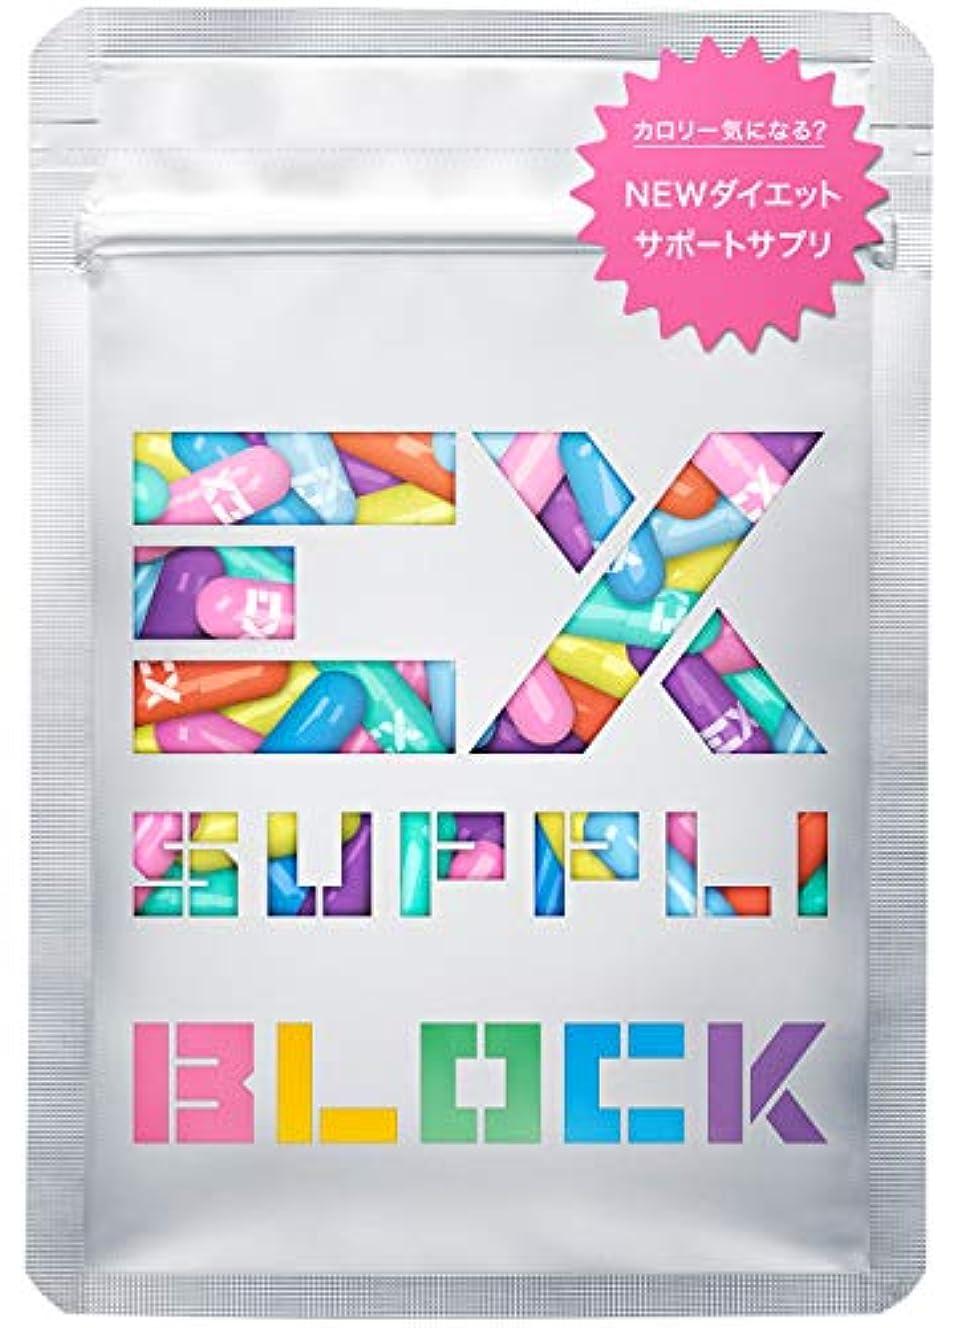 間に合わせ成熟唯物論EX SUPPLI BLOCK カロリーサポートサプリ 20粒【5日分】(ダイエット エクスサプリ EXSUPPLI EXILE サプリ)